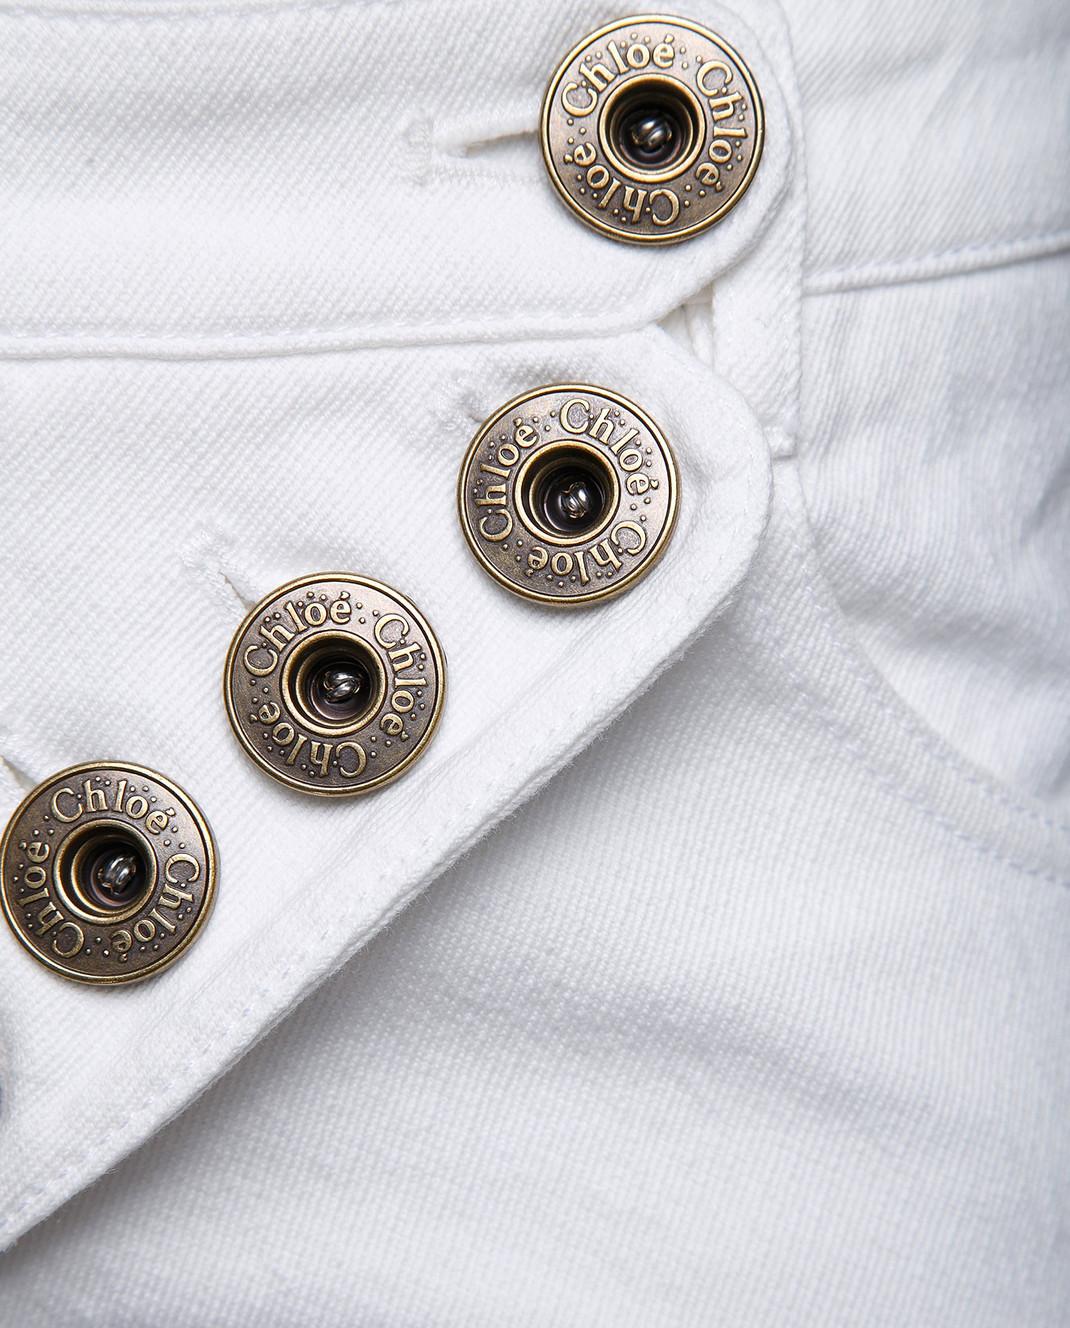 Chloe Белые джинсы 18SDP70154 изображение 5